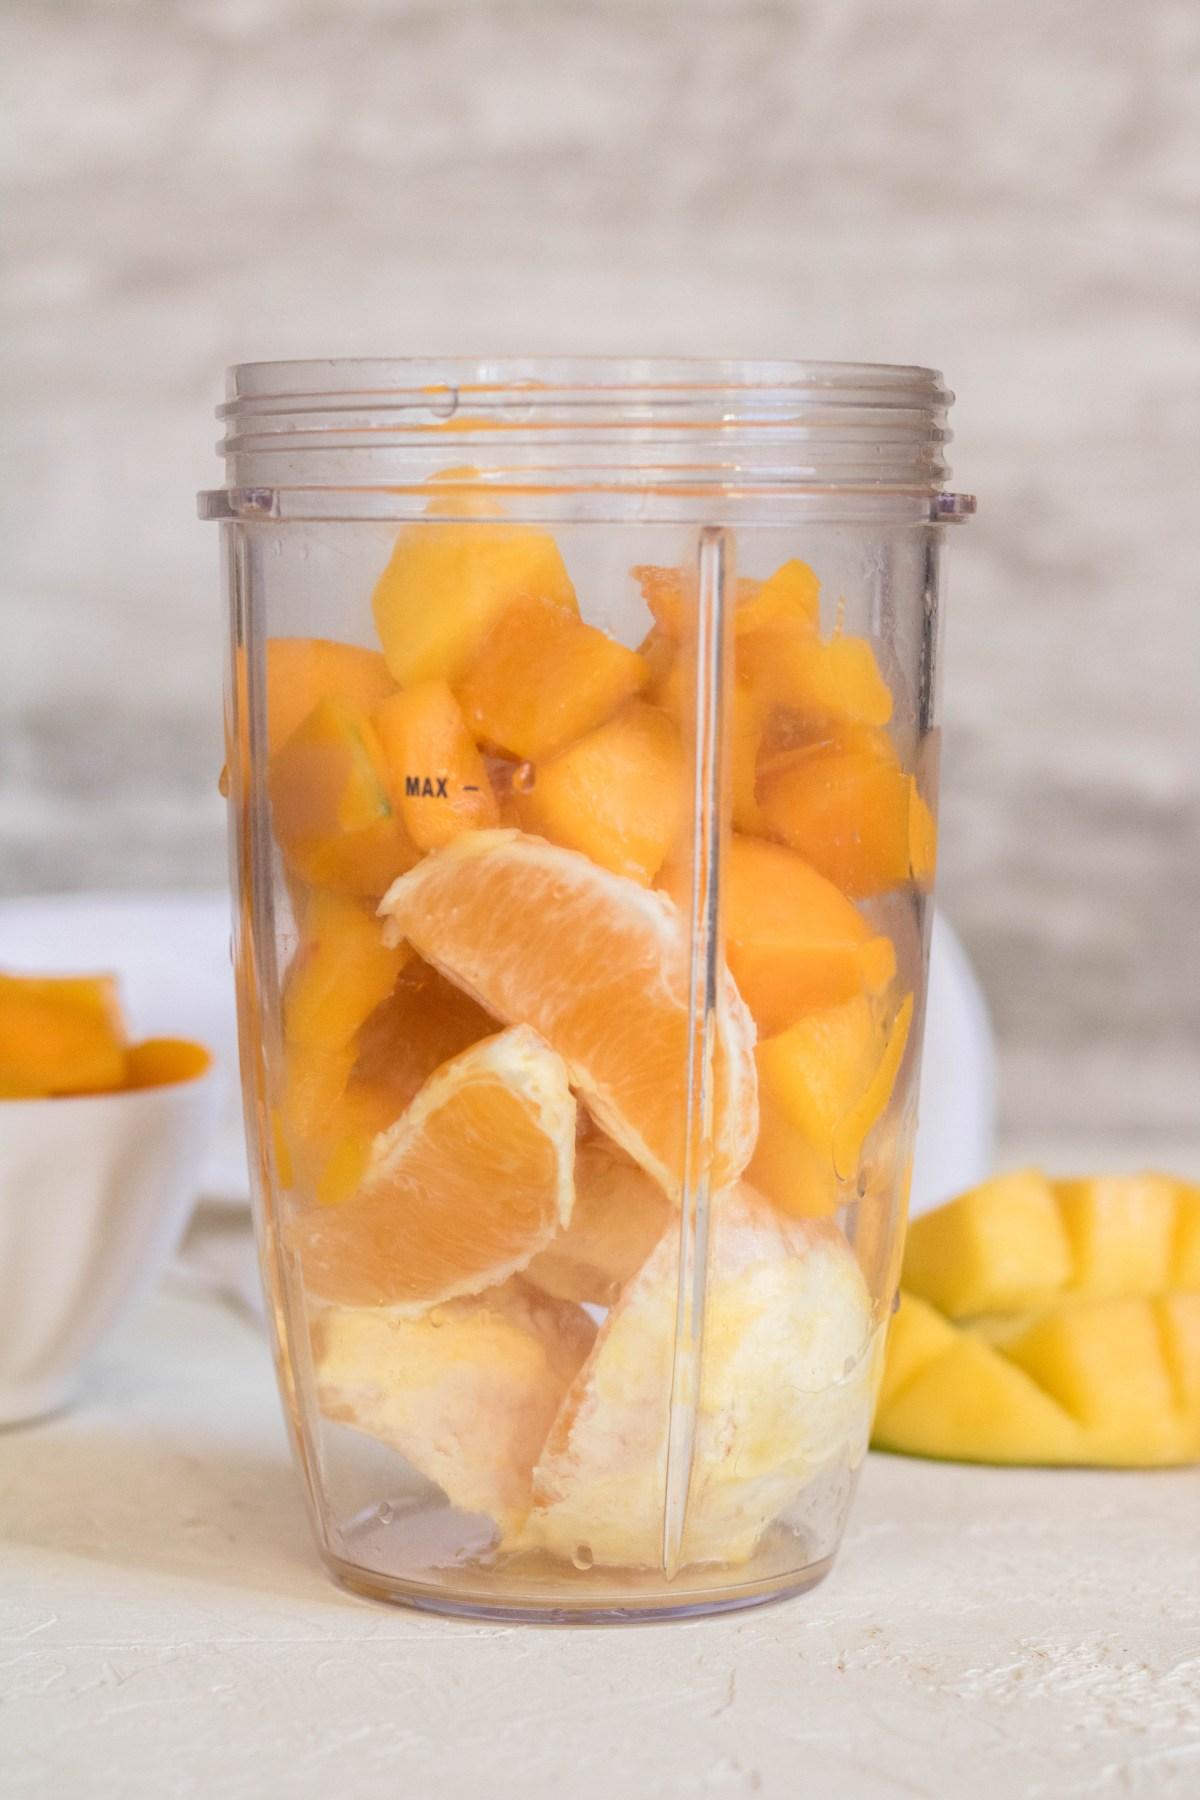 Ingredients of the mango orange smoothie in blender cup